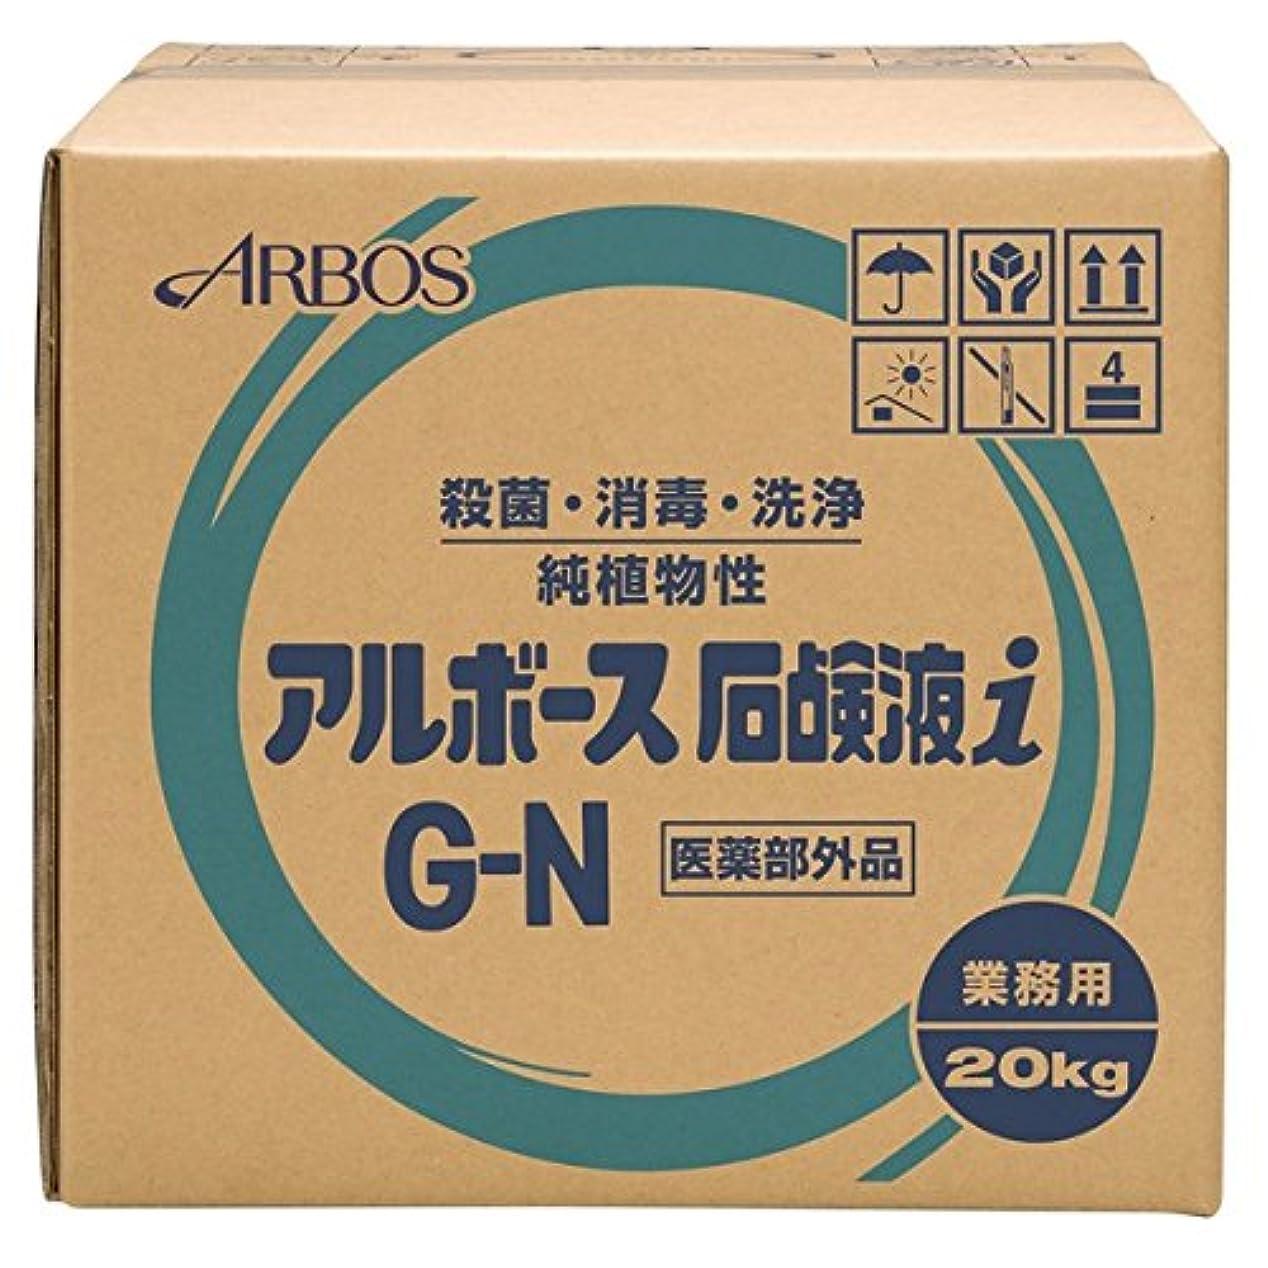 本当にジェットクリークアルボース 薬用ハンドソープ アルボース石鹸液i G-N 濃縮タイプ 20kg